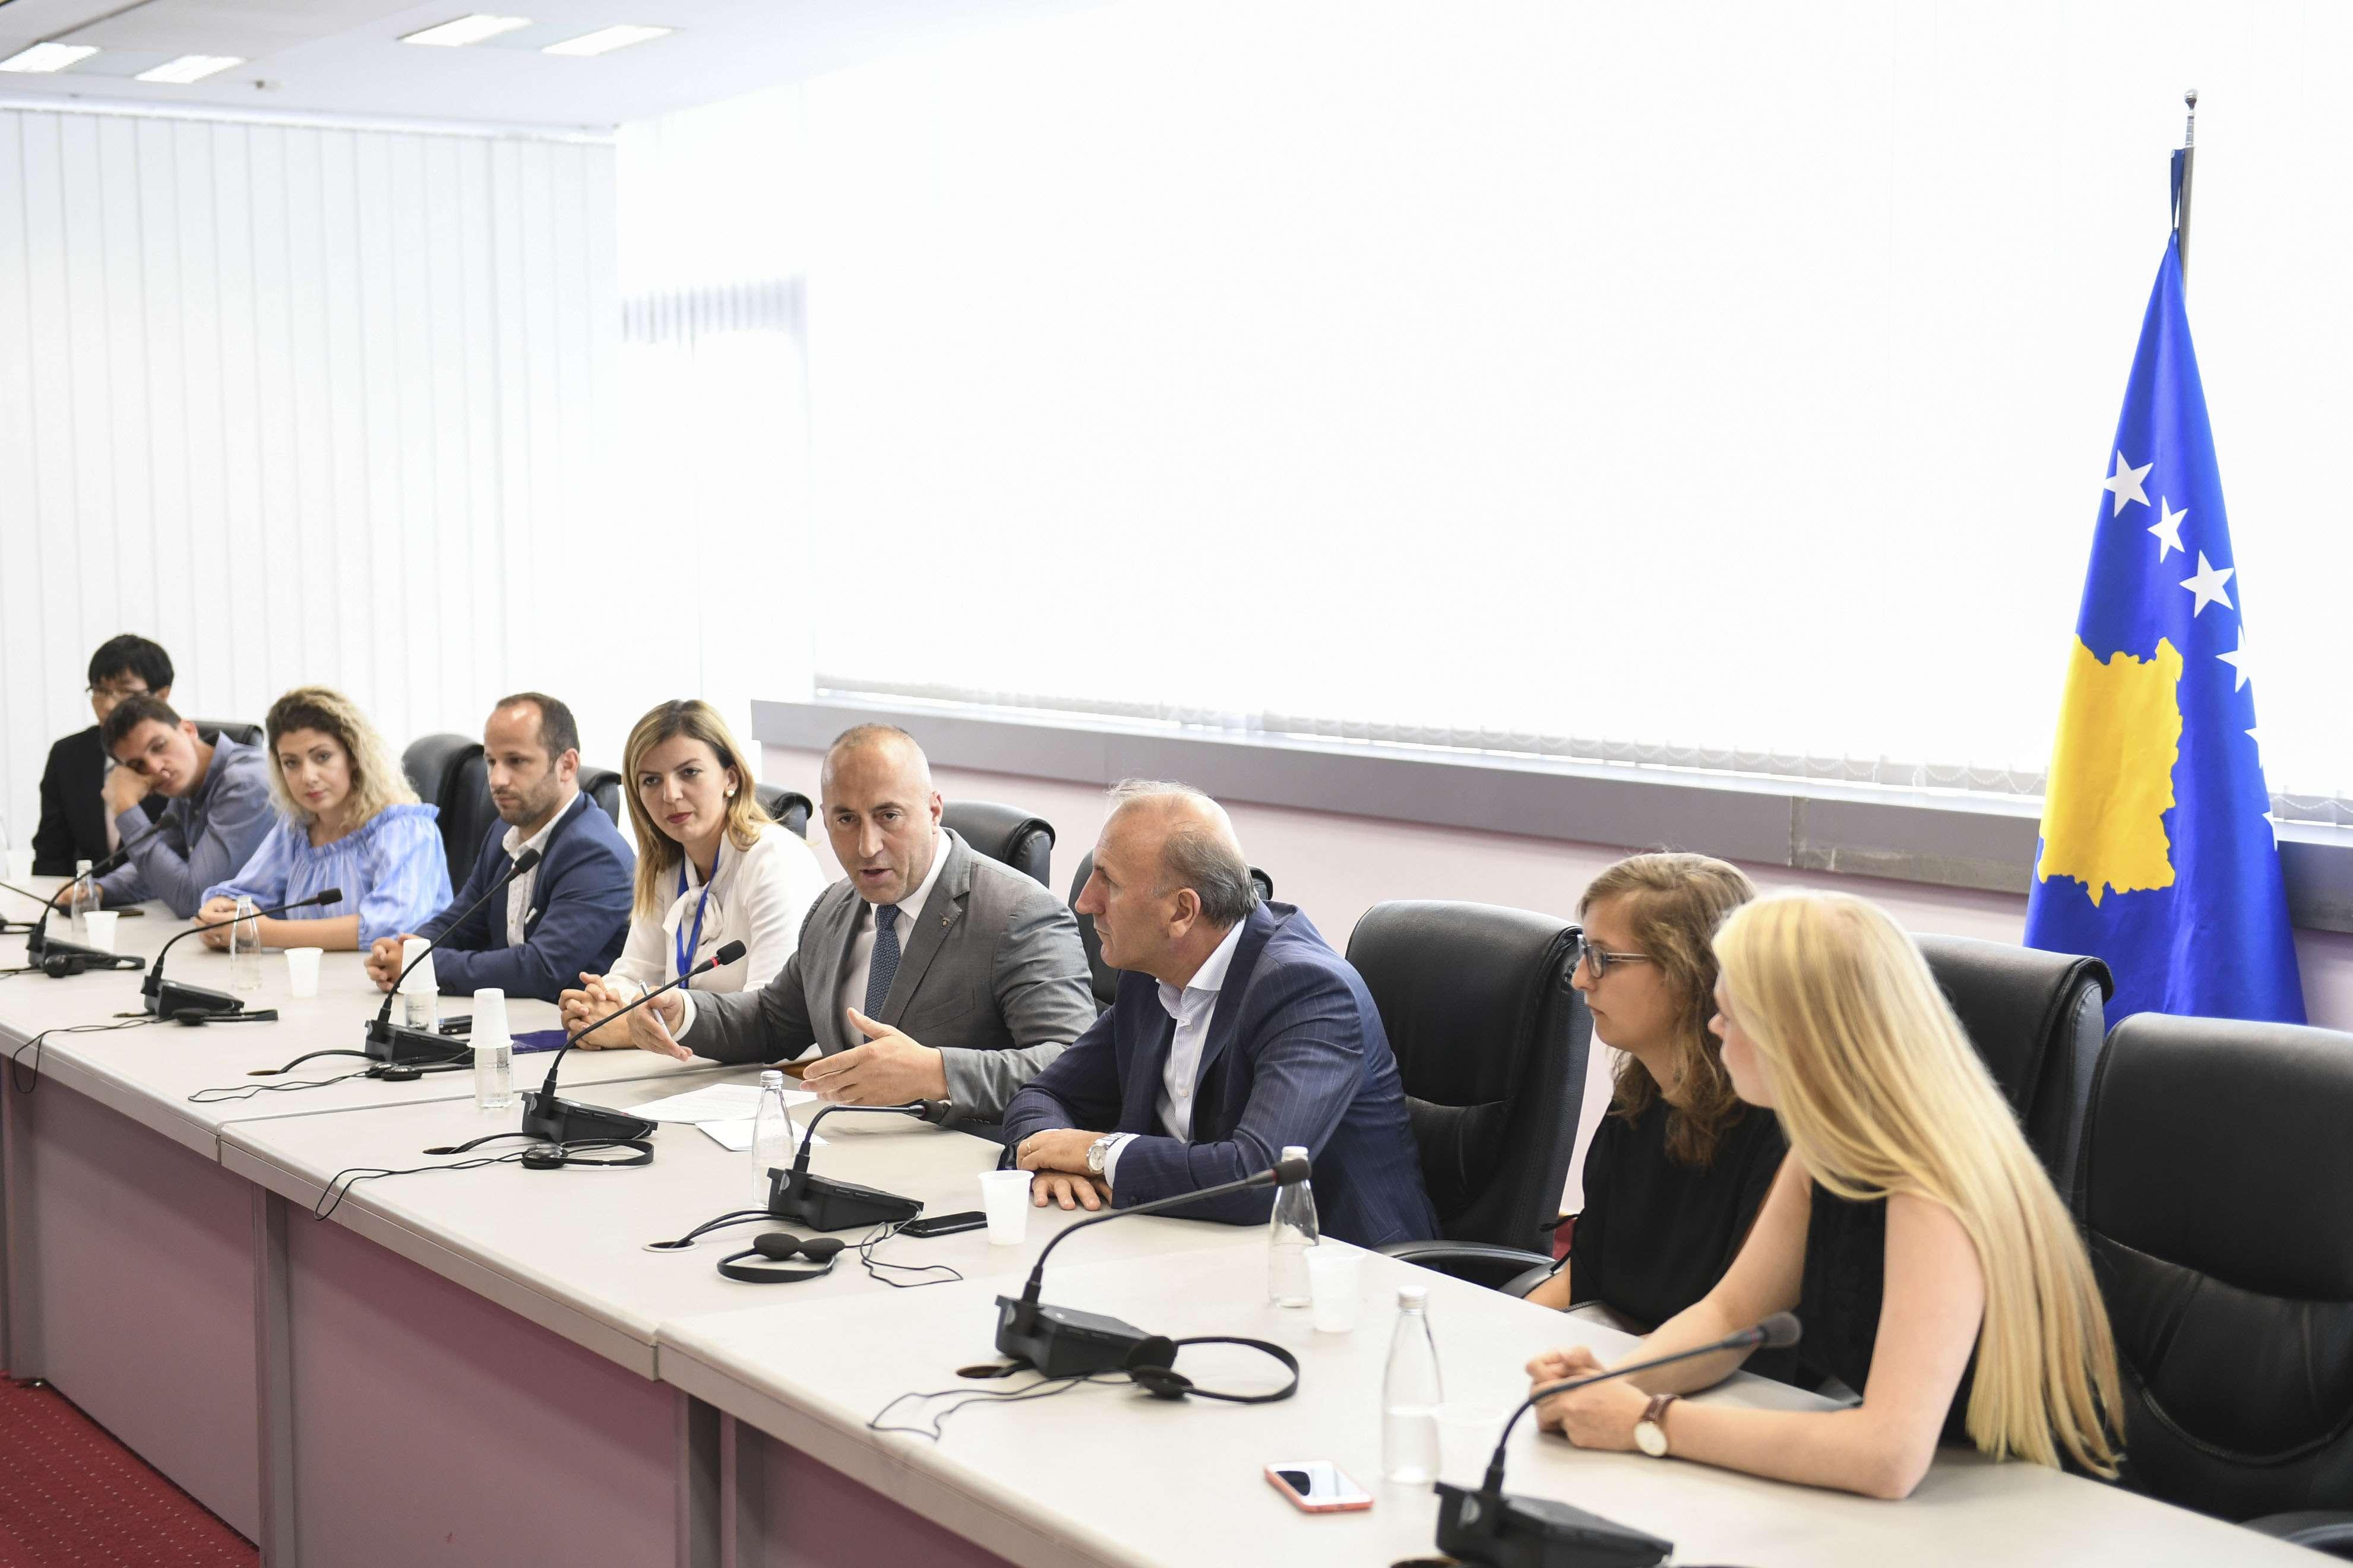 Haradinaj  Evropa dje ka çliruar qytetarët e vet  ne jemi evropianë